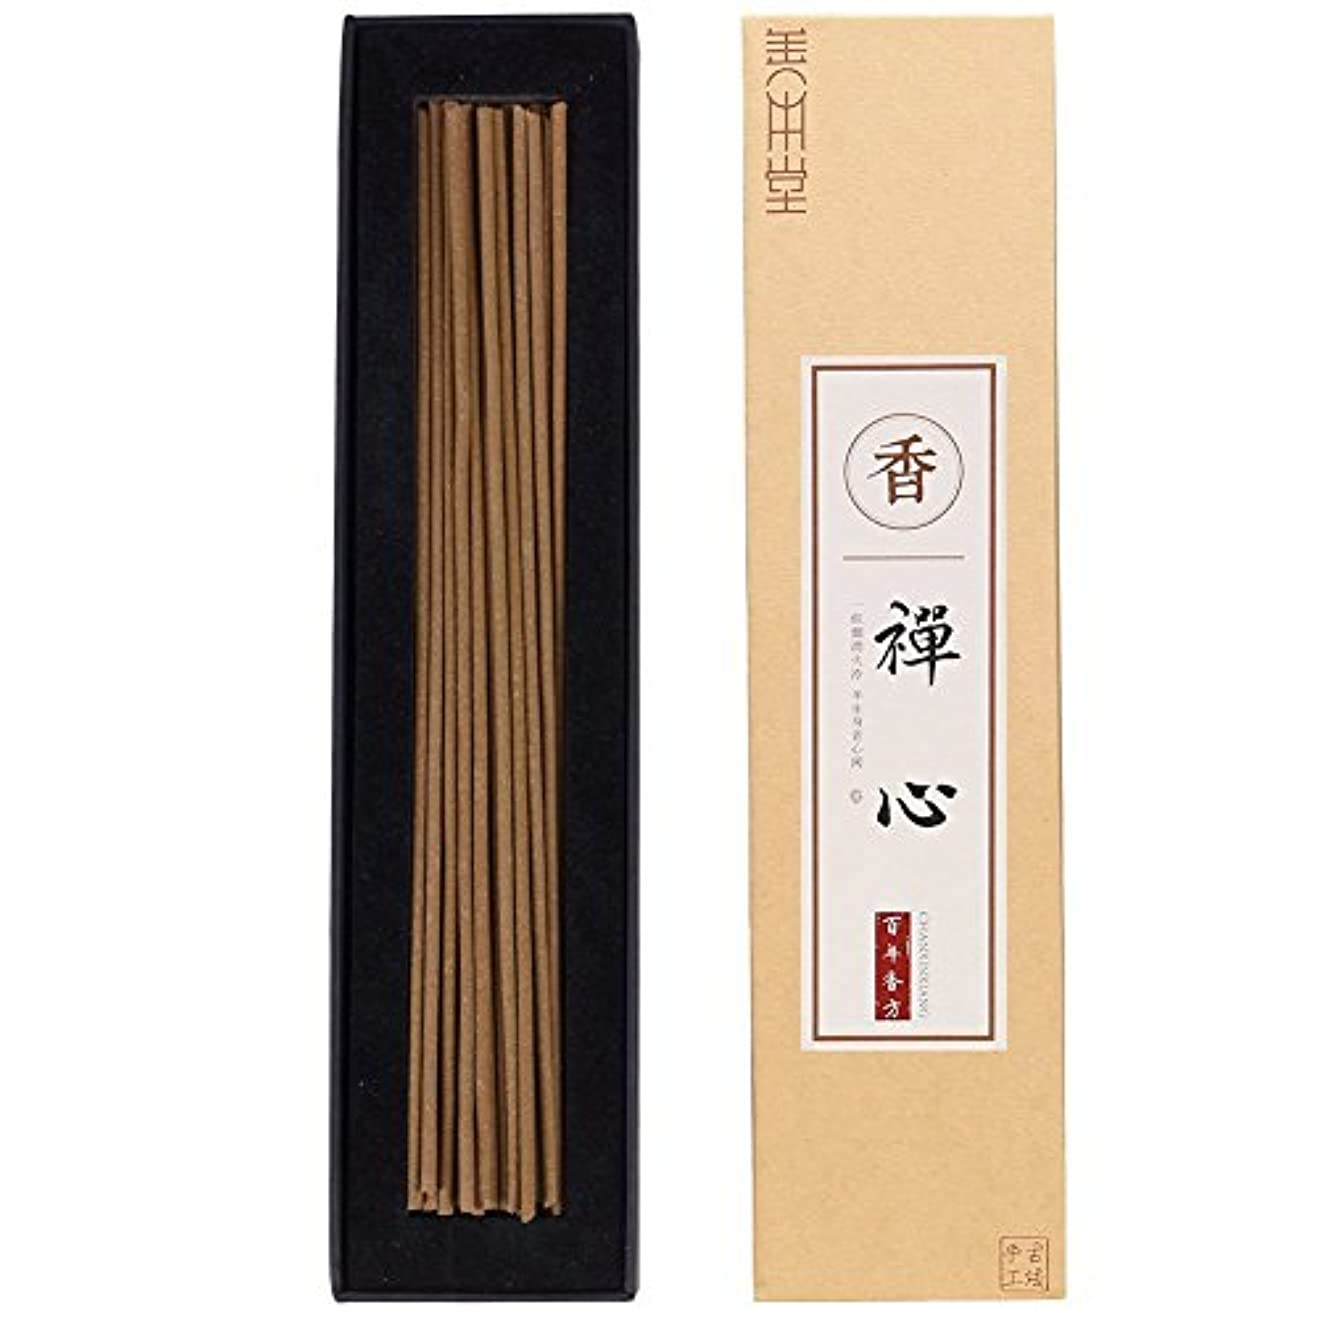 商品差し迫ったタイピストお香スティック 手作り お香 100分間燃焼 (8.26インチ/50本)